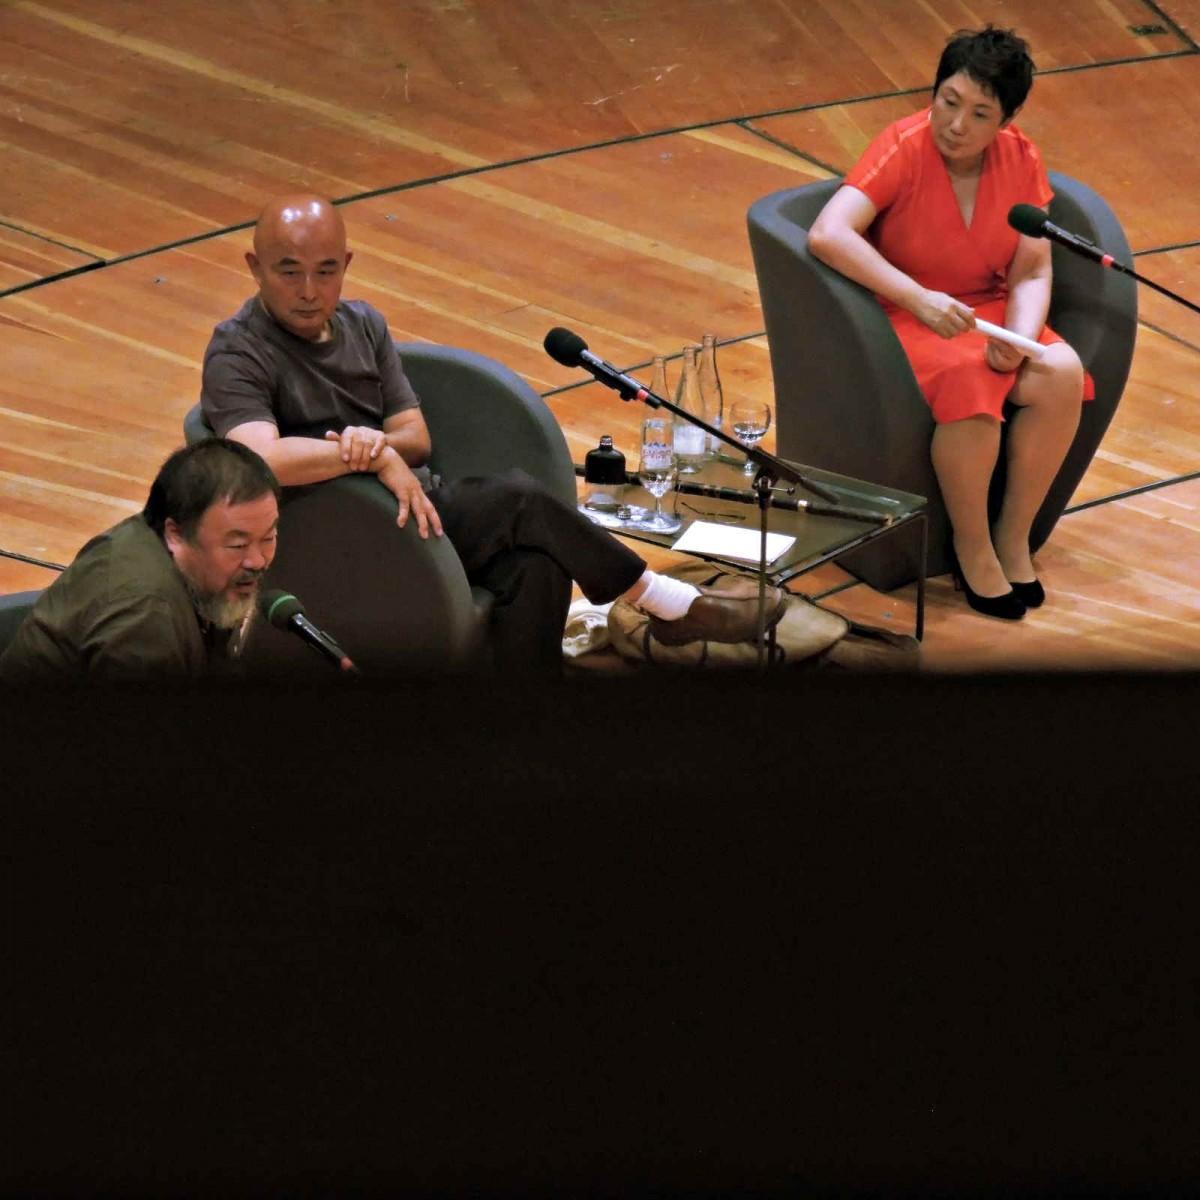 Ai Weiwei und Liao Yiwu im Gespräch, Philharmonie, 15. Literaturfestival Berlin